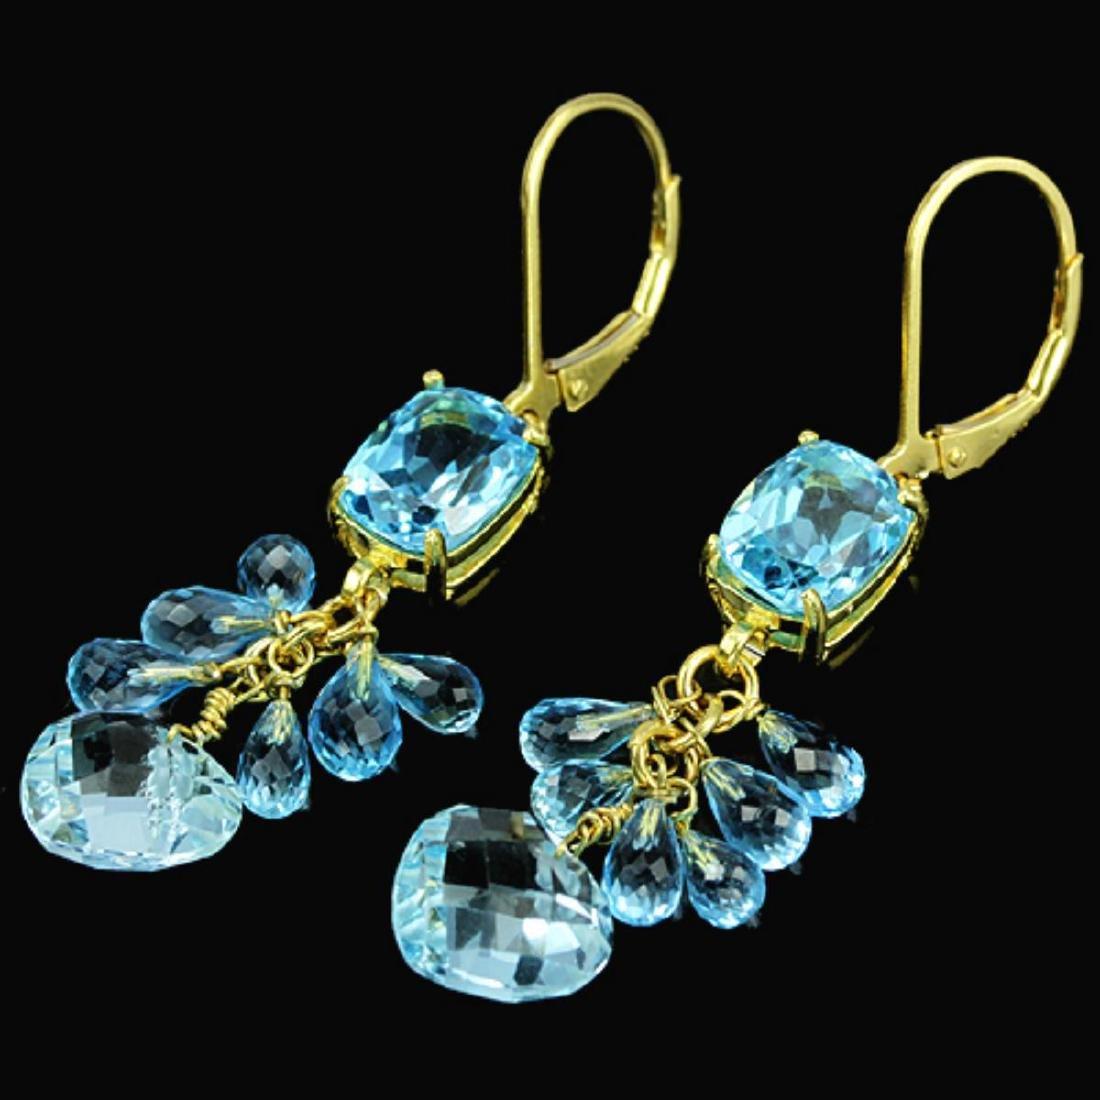 Natural GENUINE AAA SWISS BLUE TOPAZ BRIOLET Earrings - 2